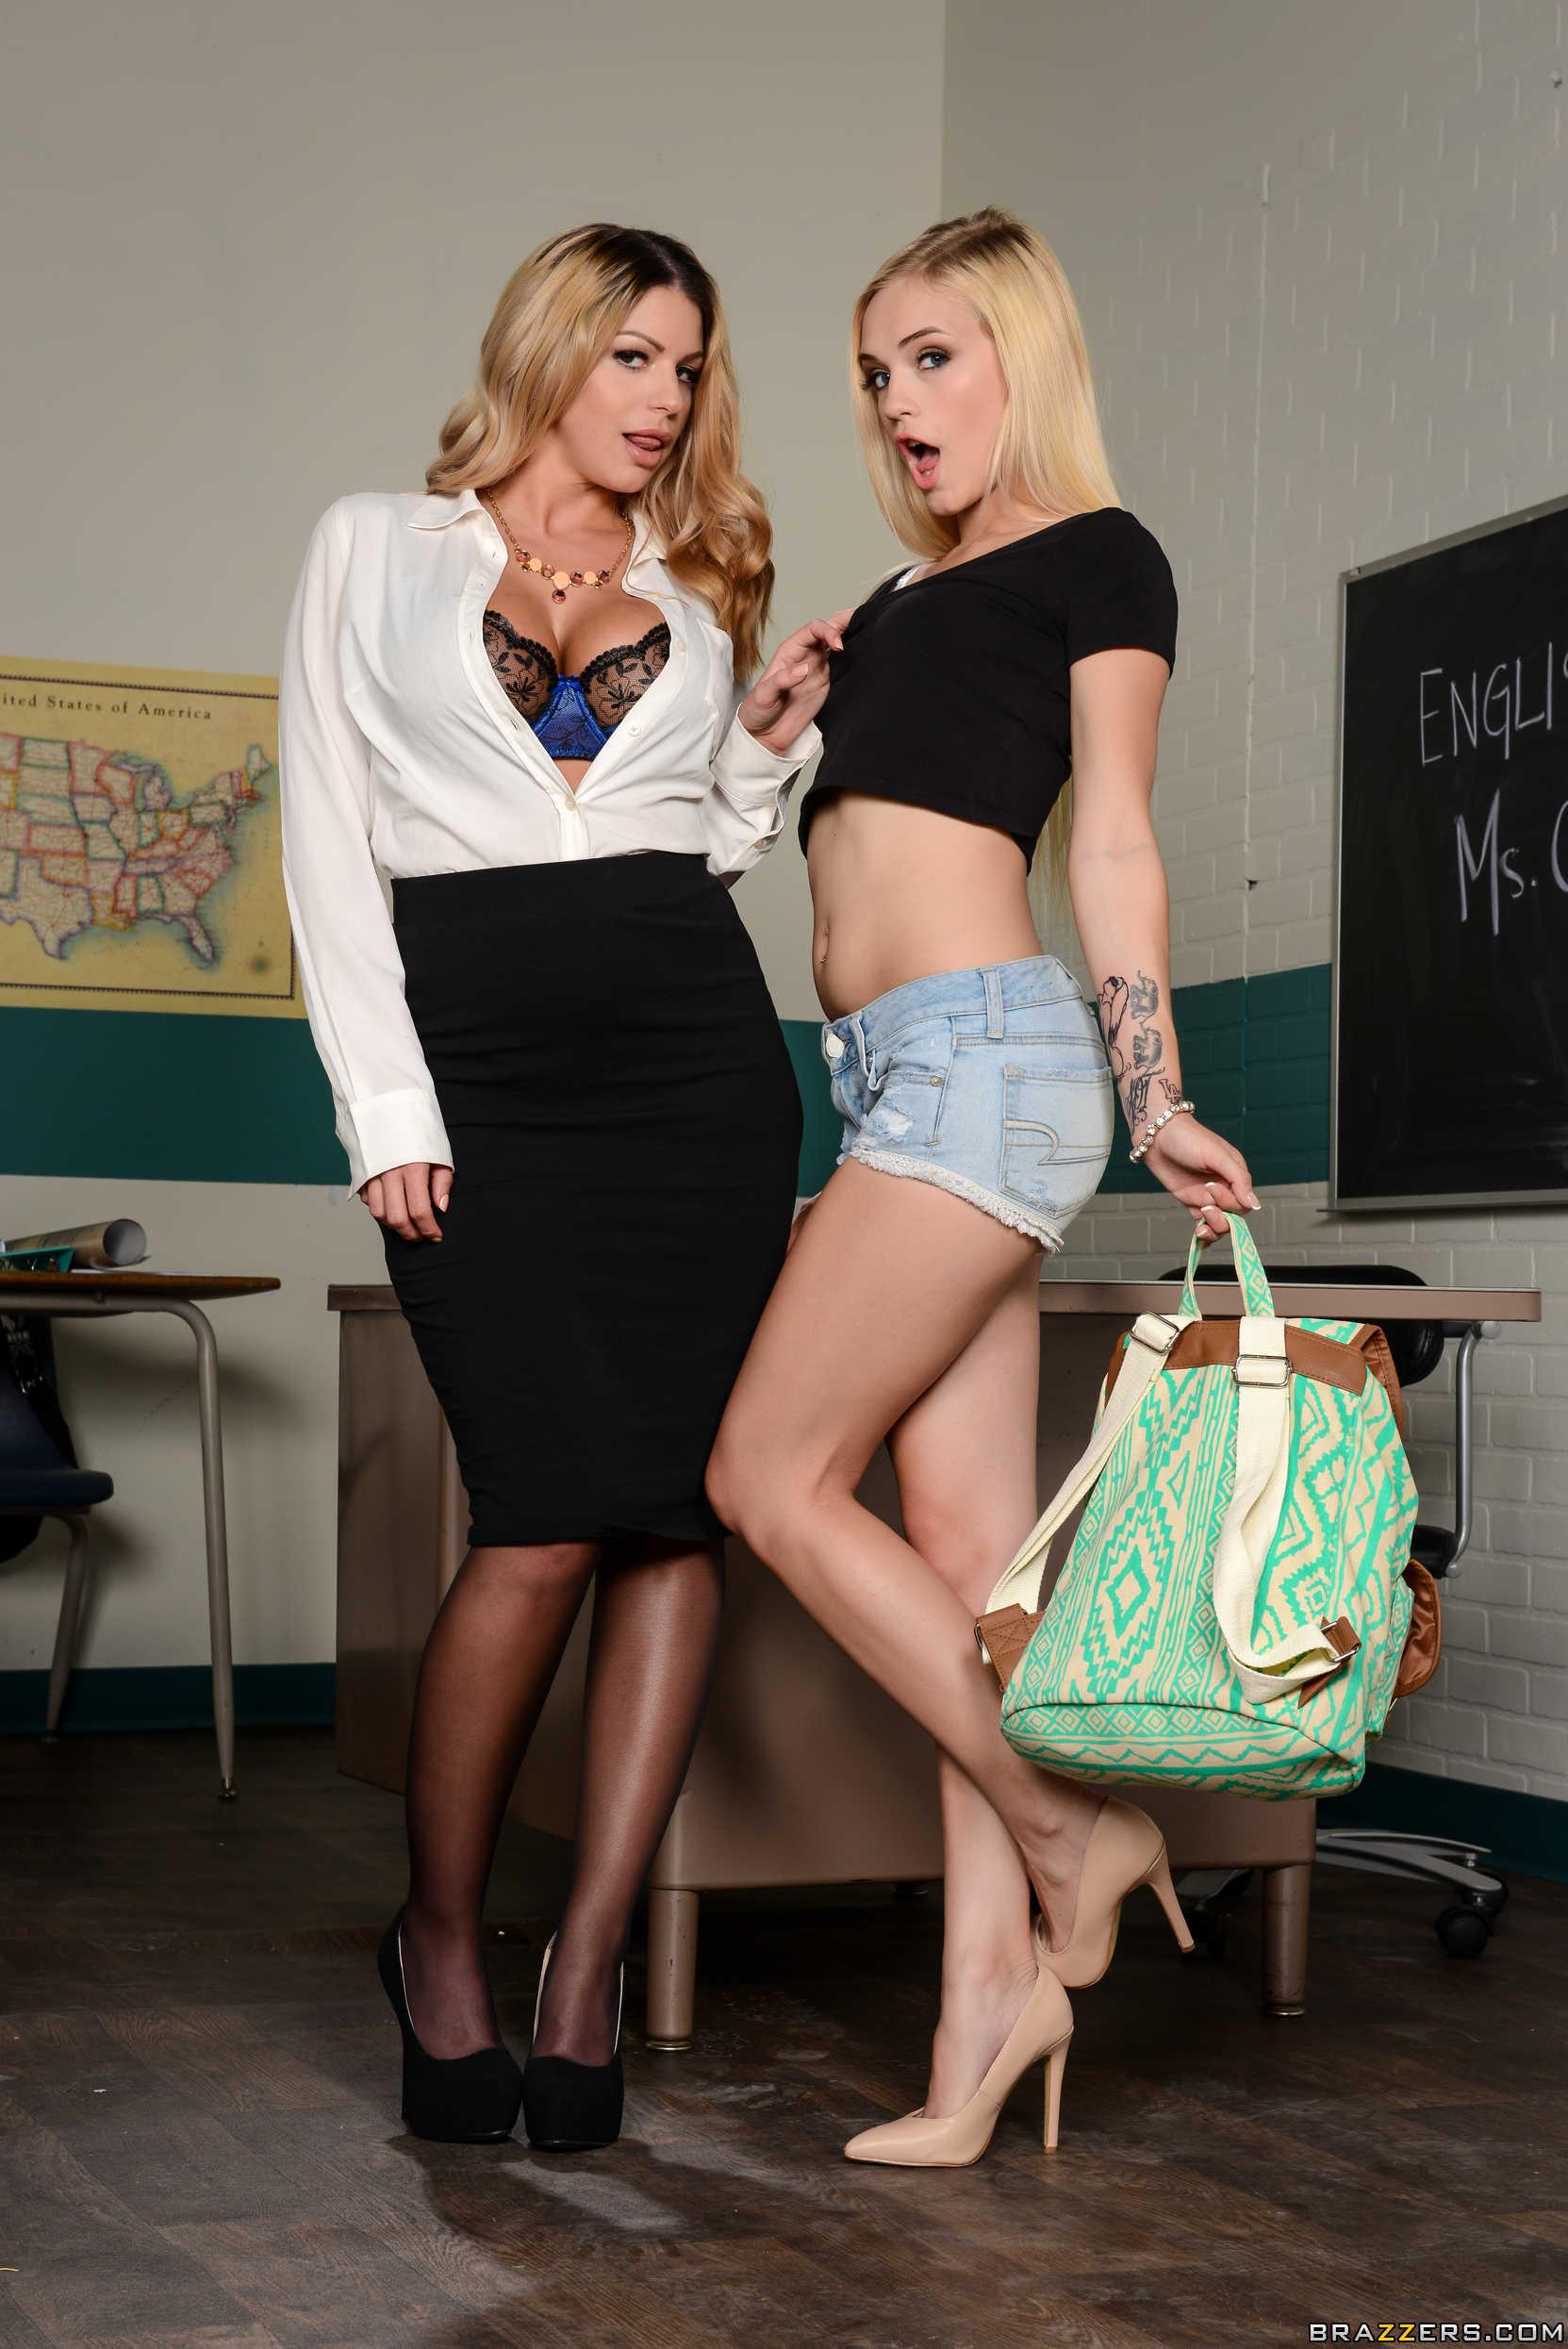 Una profesora y su alumna muestran sus conchitas juntas